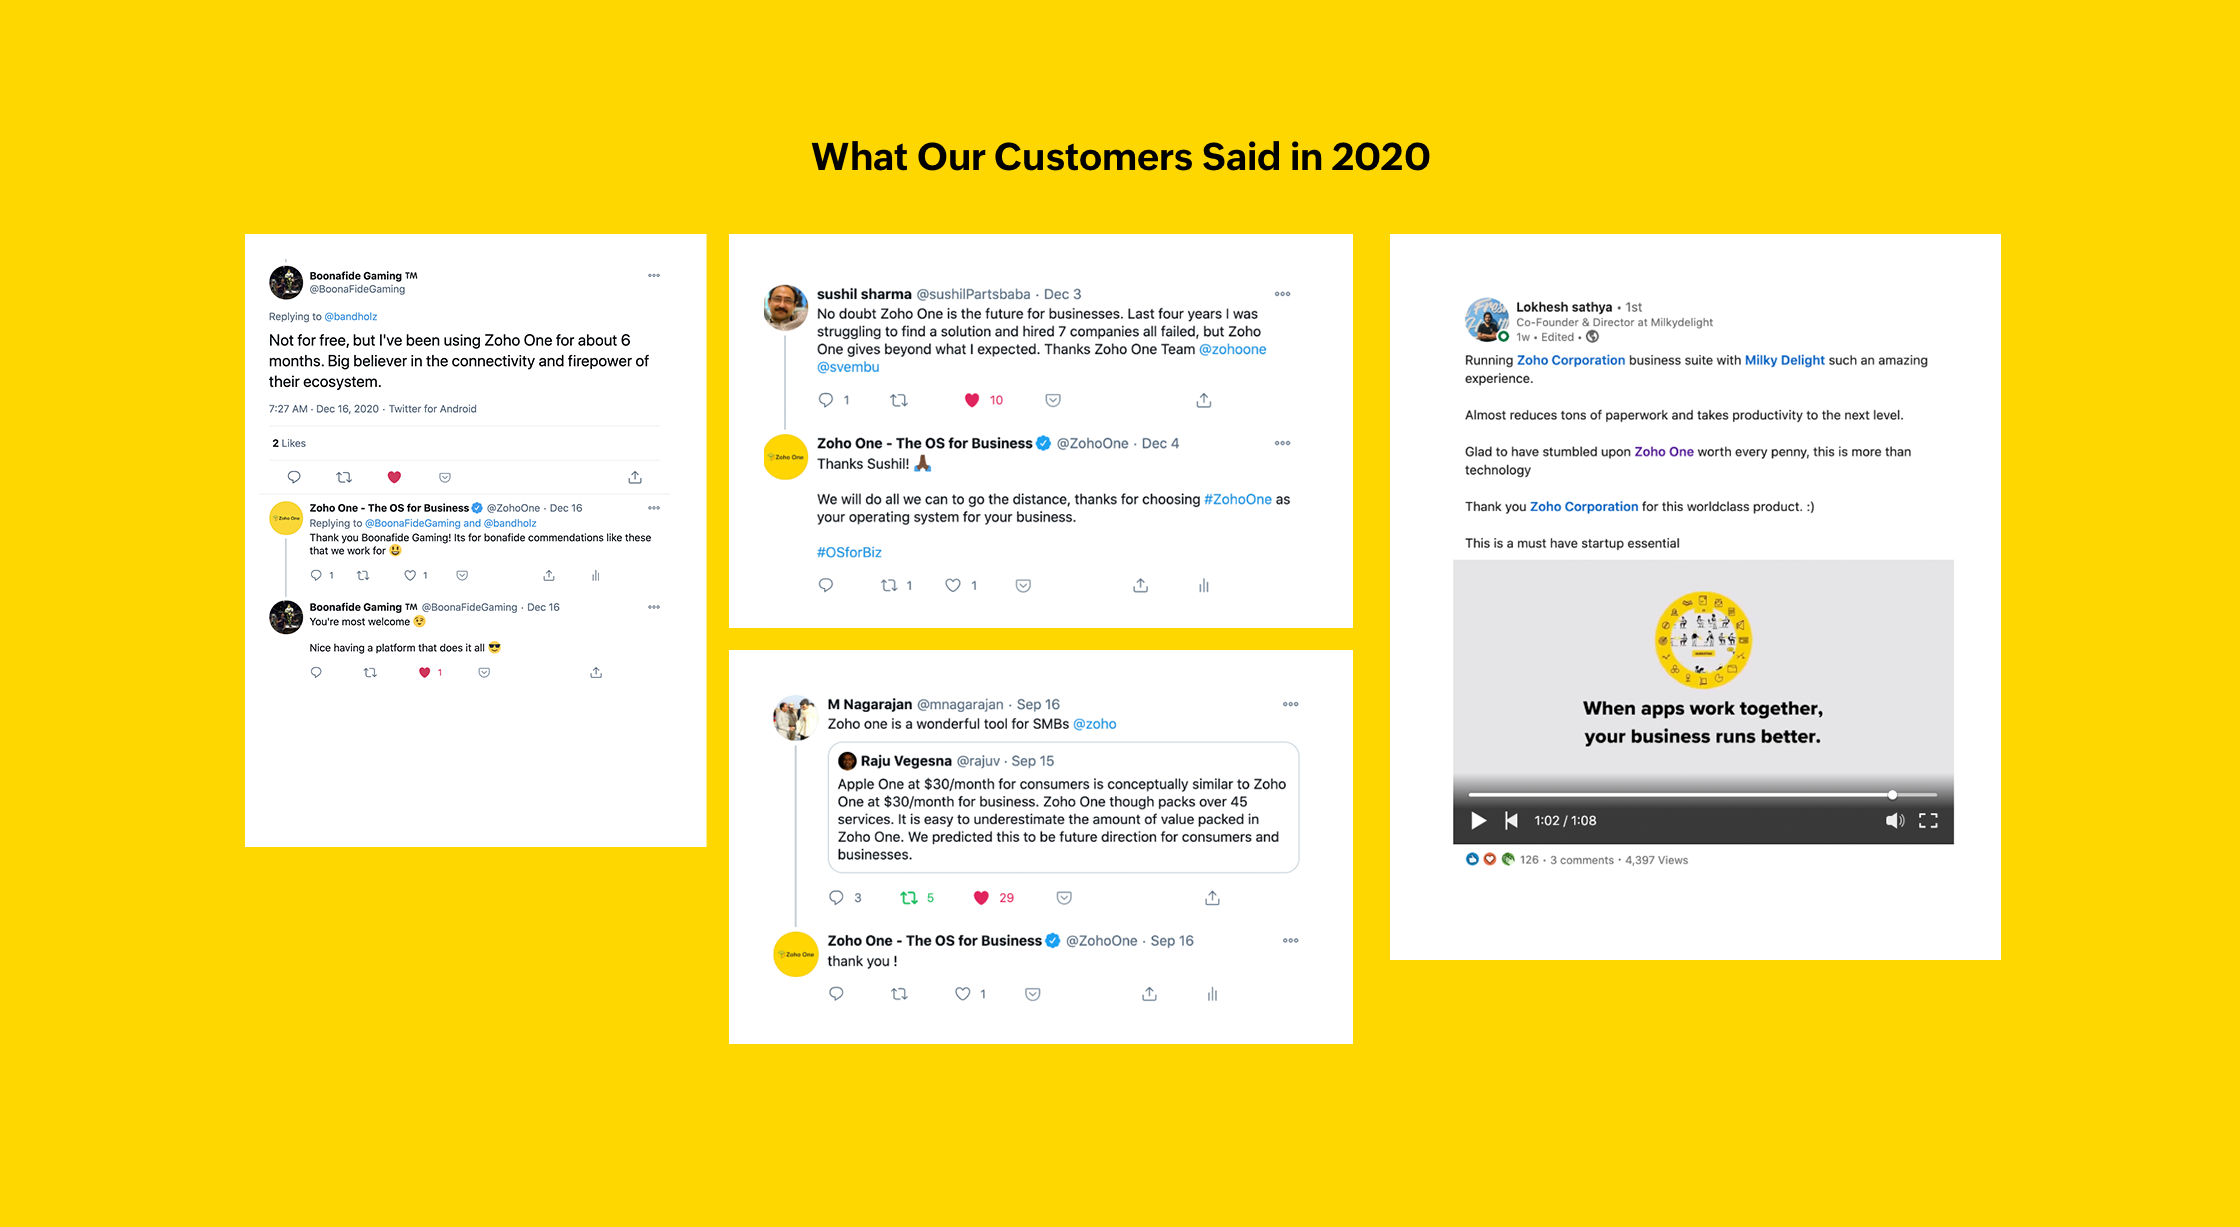 Customer Feedback of Zoho One in 2020